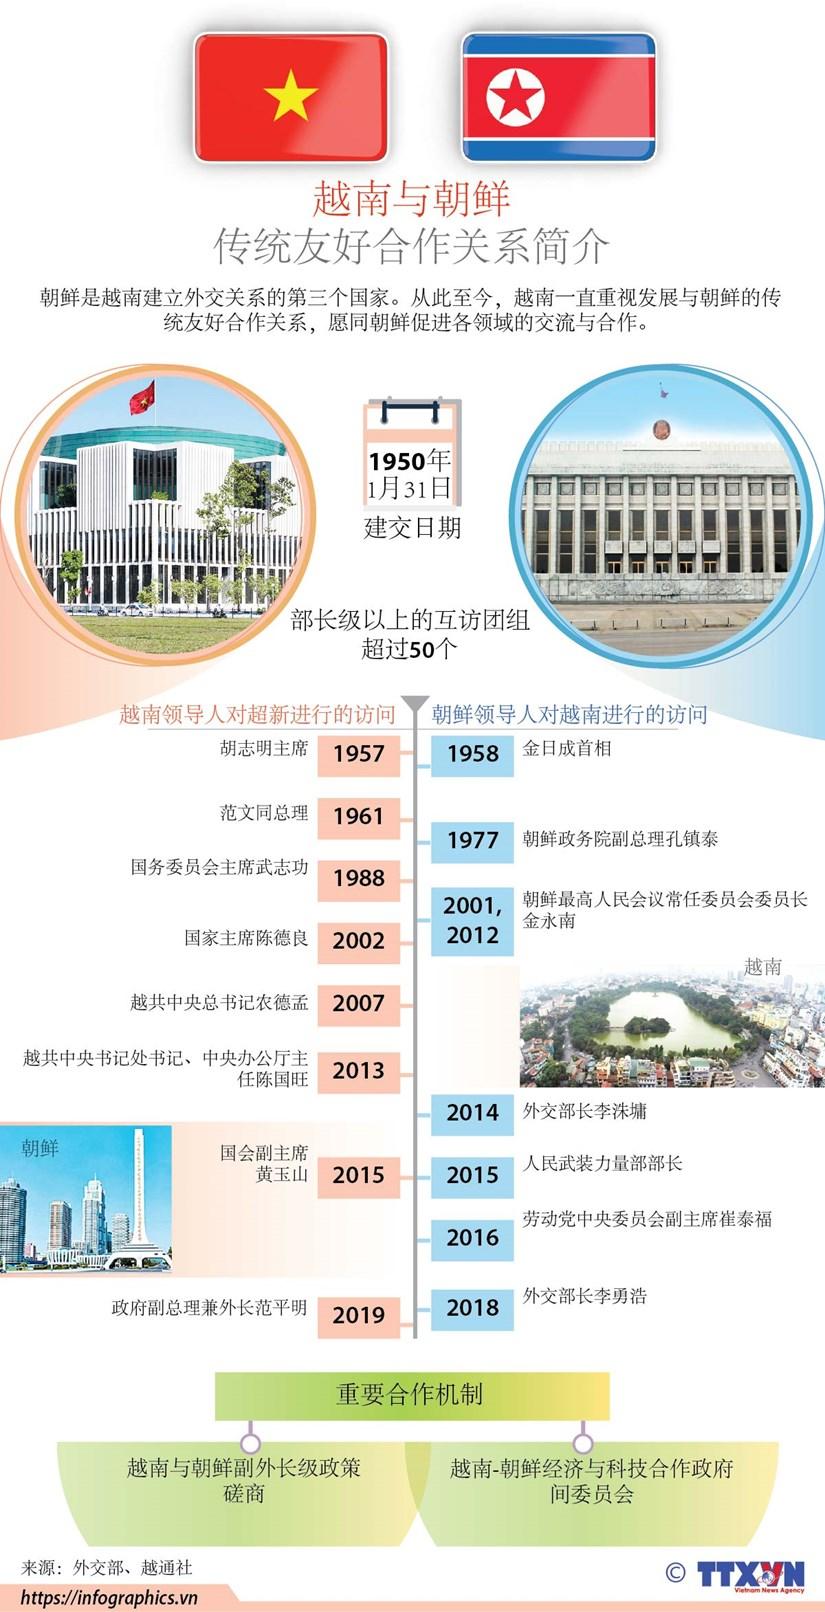 图表新闻:越南与朝鲜传统友好合作关系简介 hinh anh 1